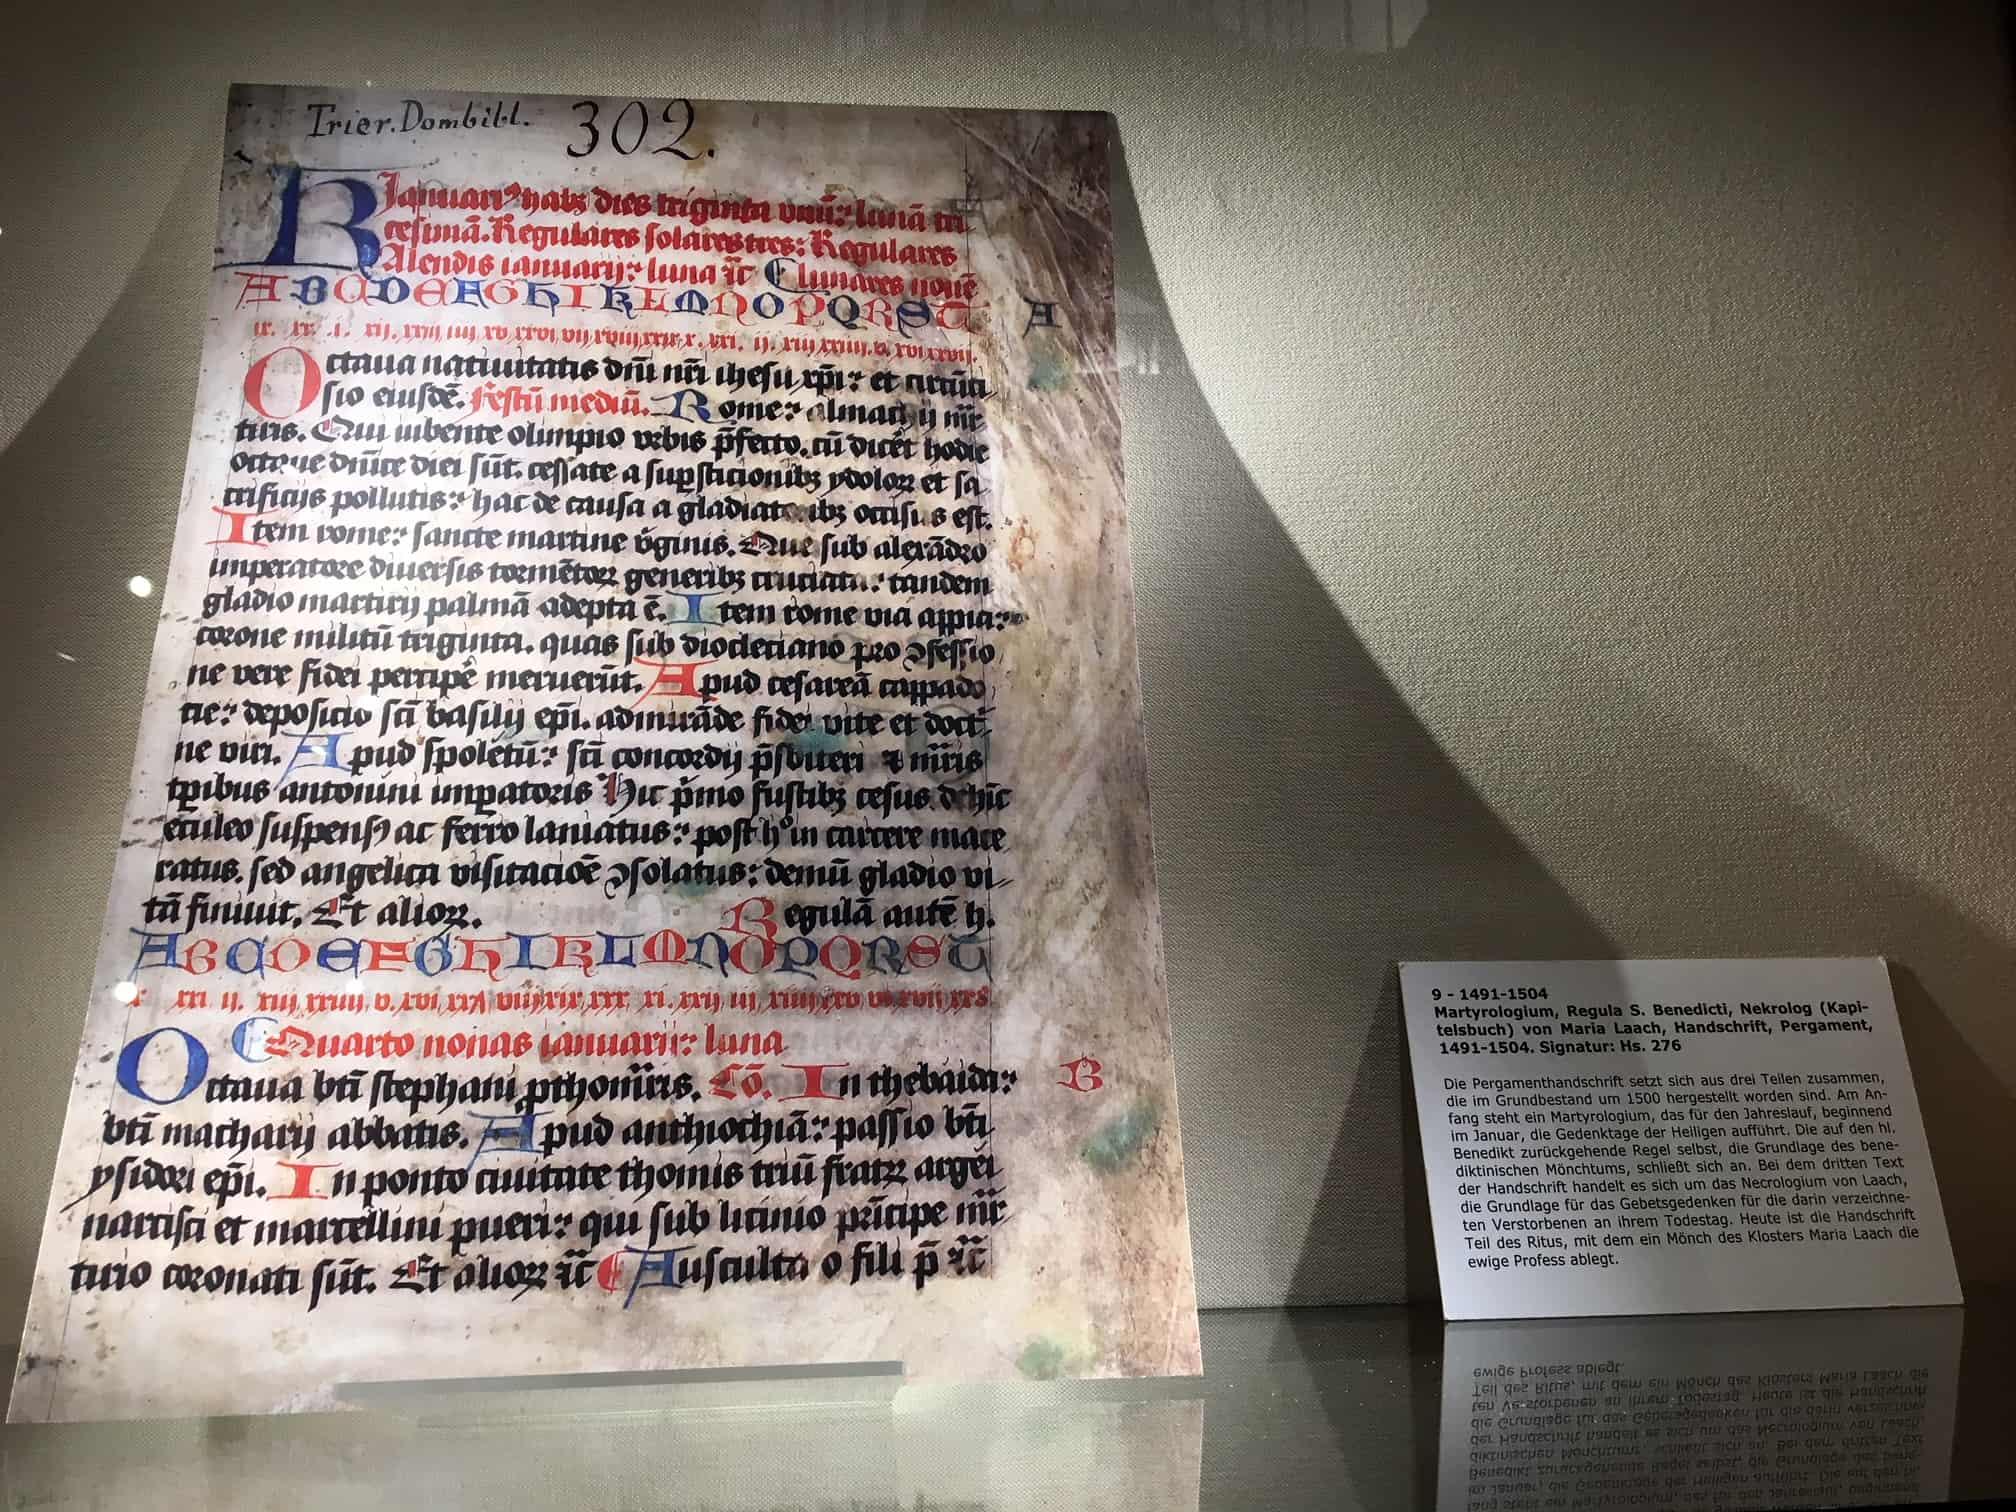 Klosterbibliothek Maria Laach